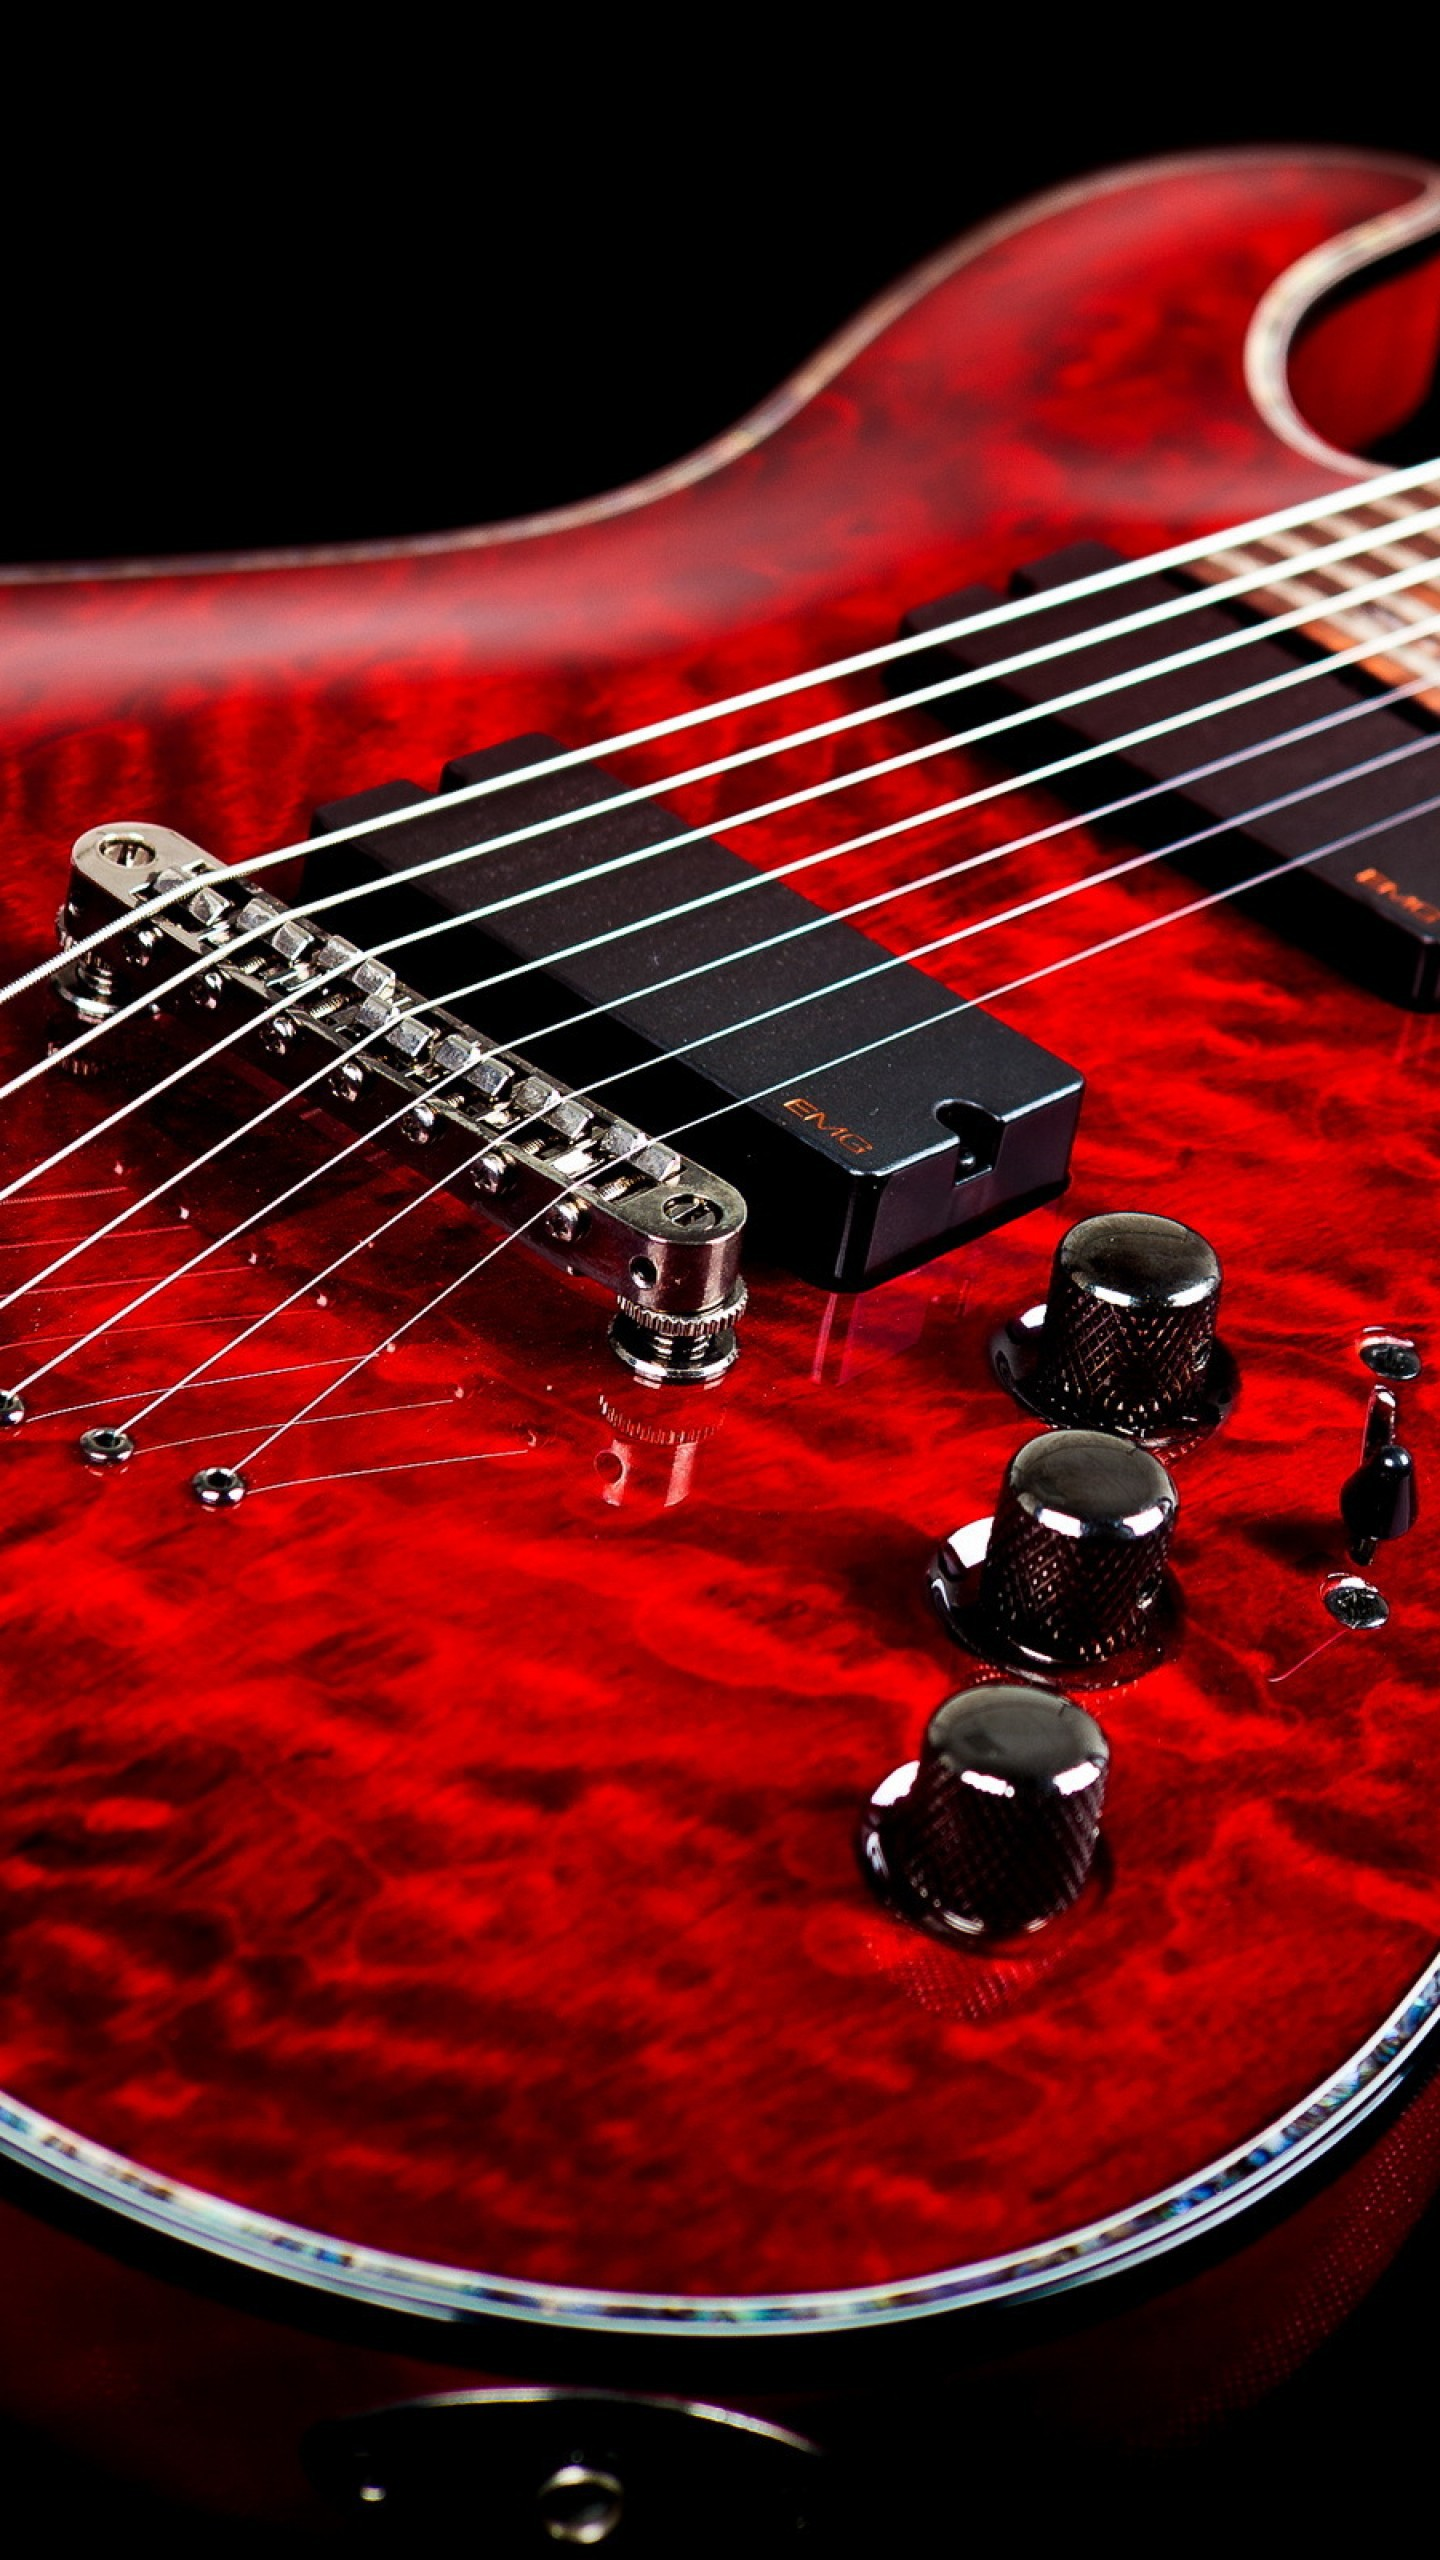 عکس زمینه گیتار الکترونیکی گیتار قرمز با پس زمینه تاریک پس زمینه